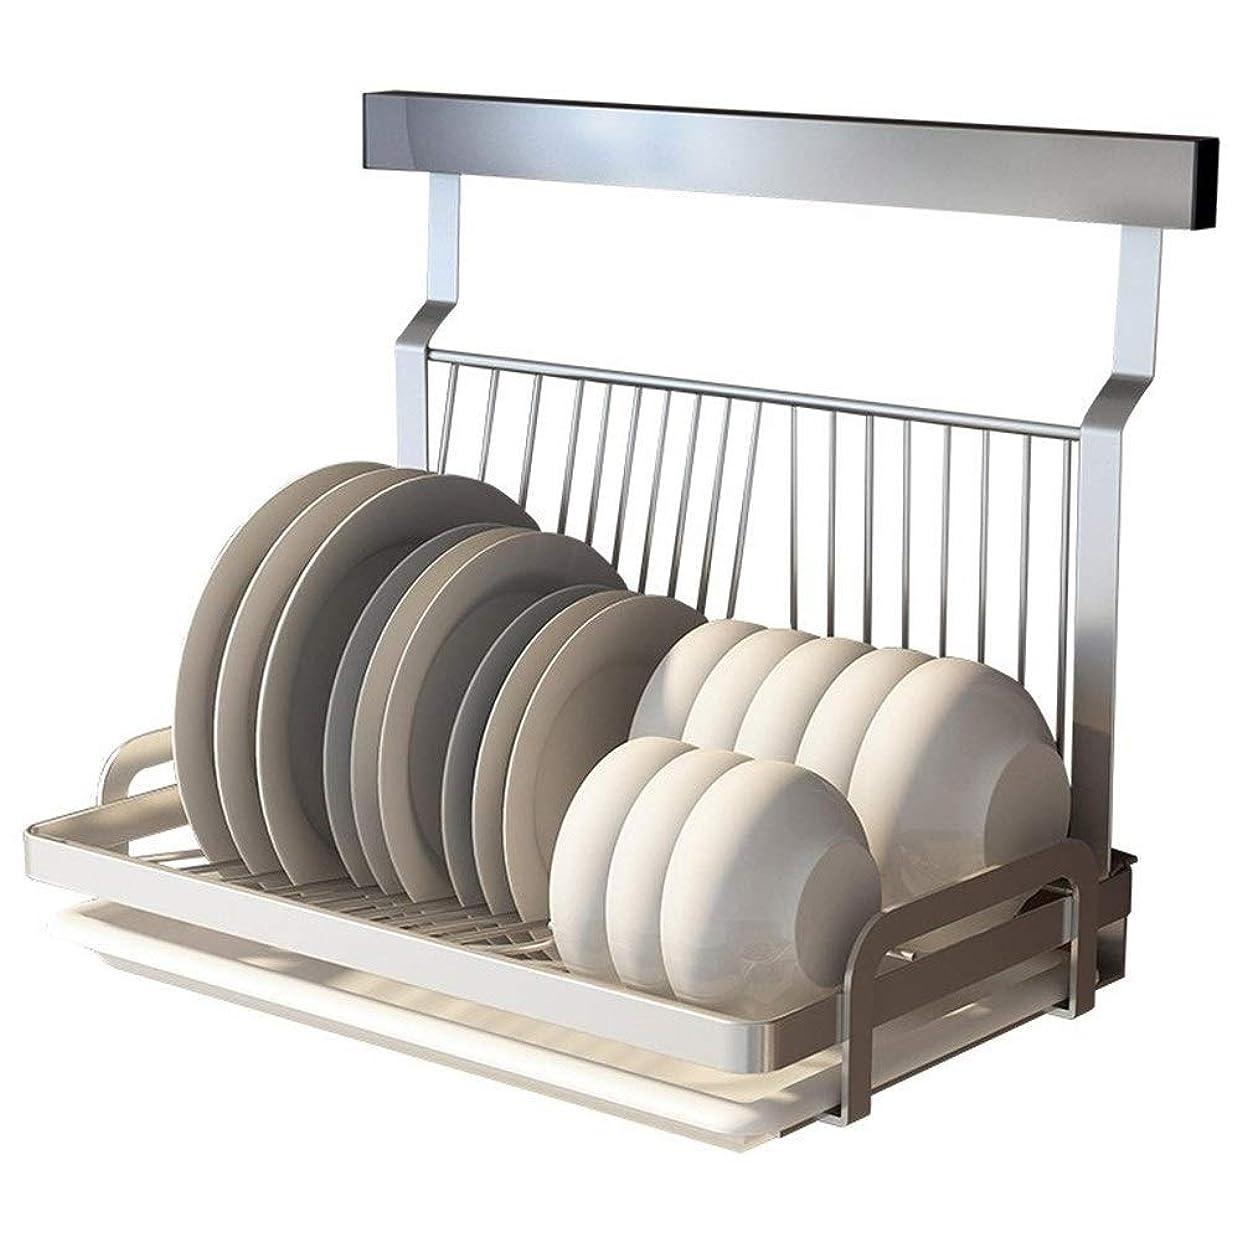 ドライバふつうウェイドJPAKIOS 穴のないステンレス鋼の家庭用食器棚ボウル食器乾燥ラックドレンキッチンストレージボウルが主催ラックウォールマウント (色 : As picture)